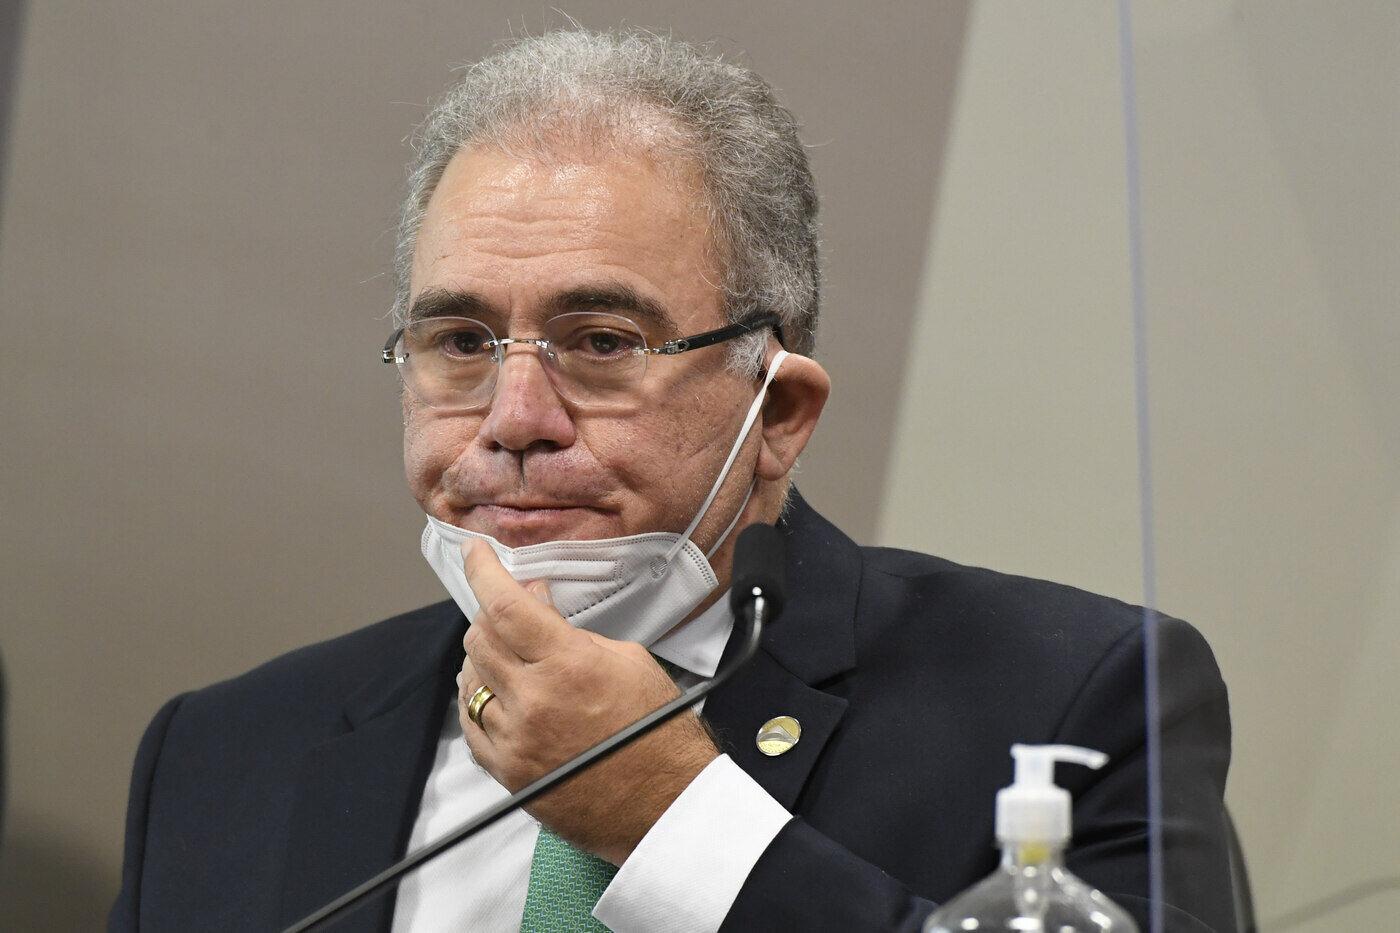 Marcelo Queiroga testa positivo pra Covid-19 e é destaque nos jornais britânicos